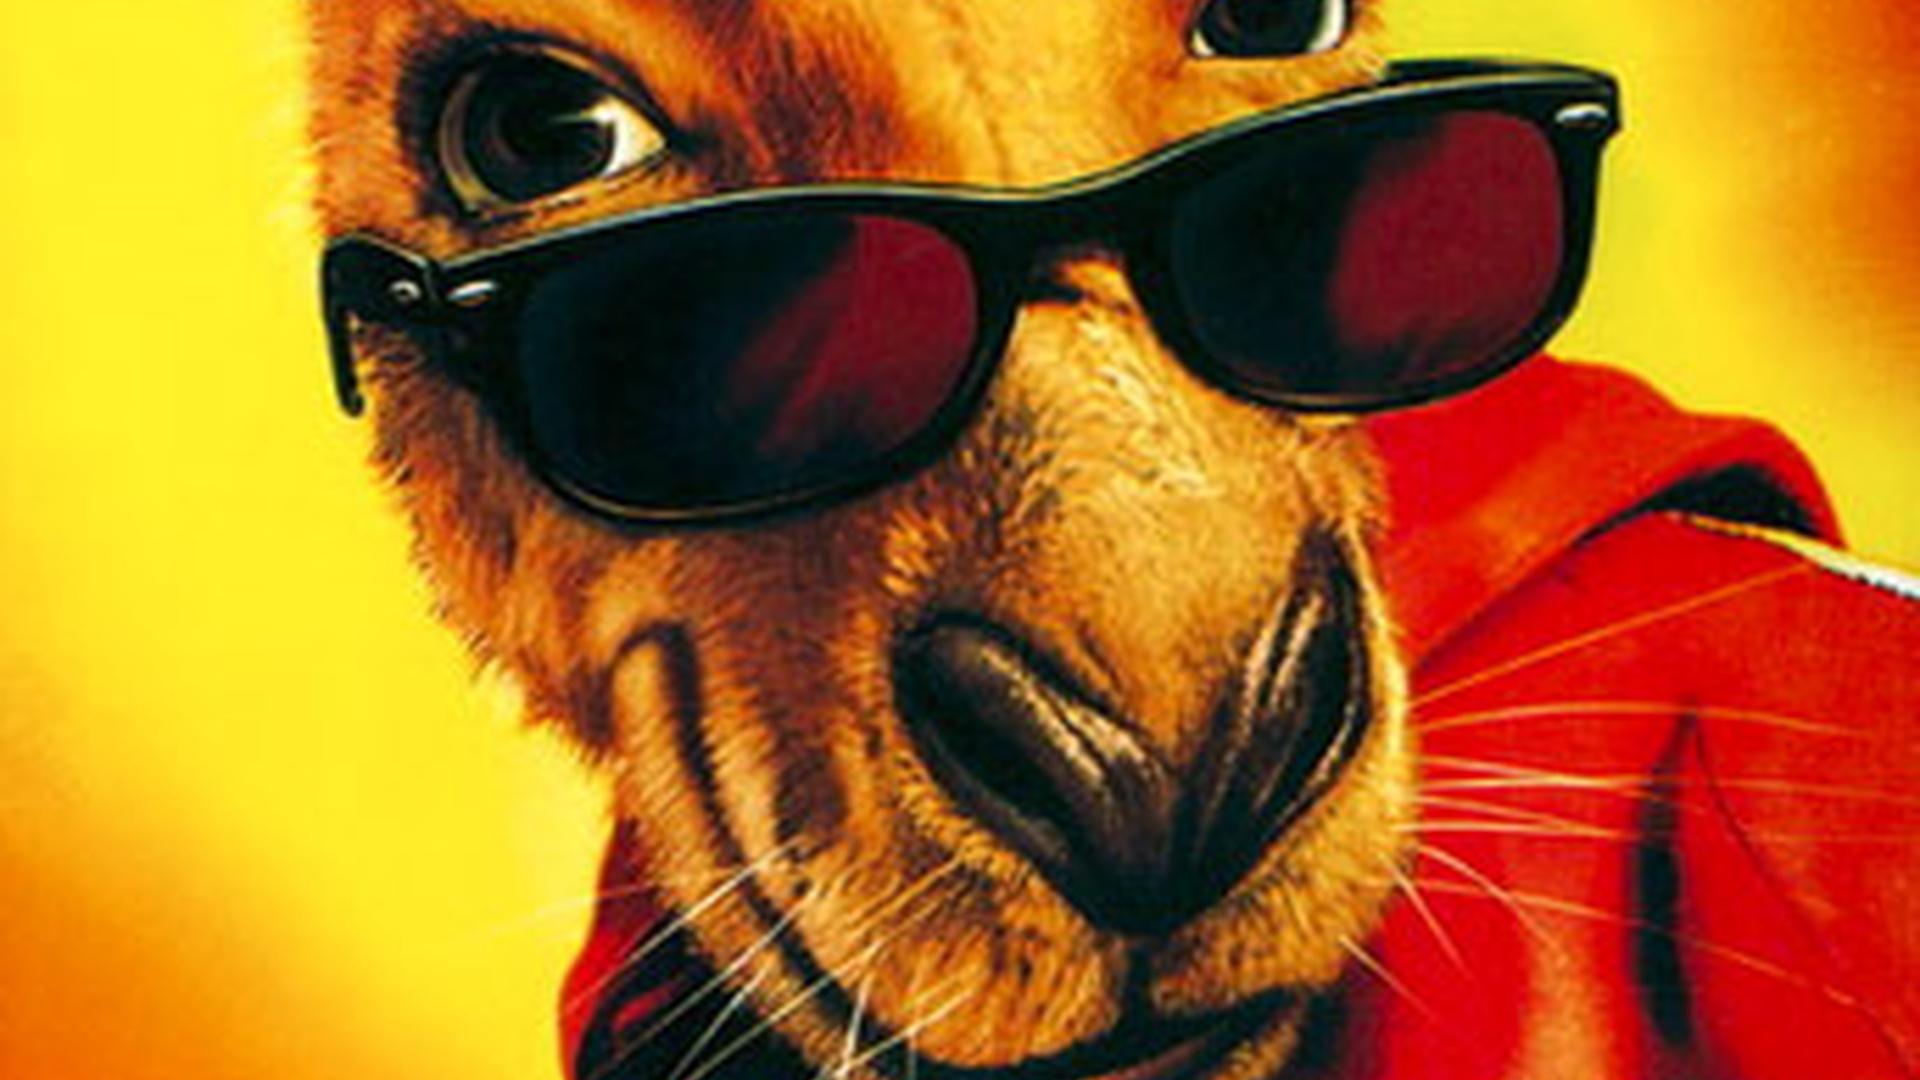 фильм про кенгуру джекпот в хорошем качестве